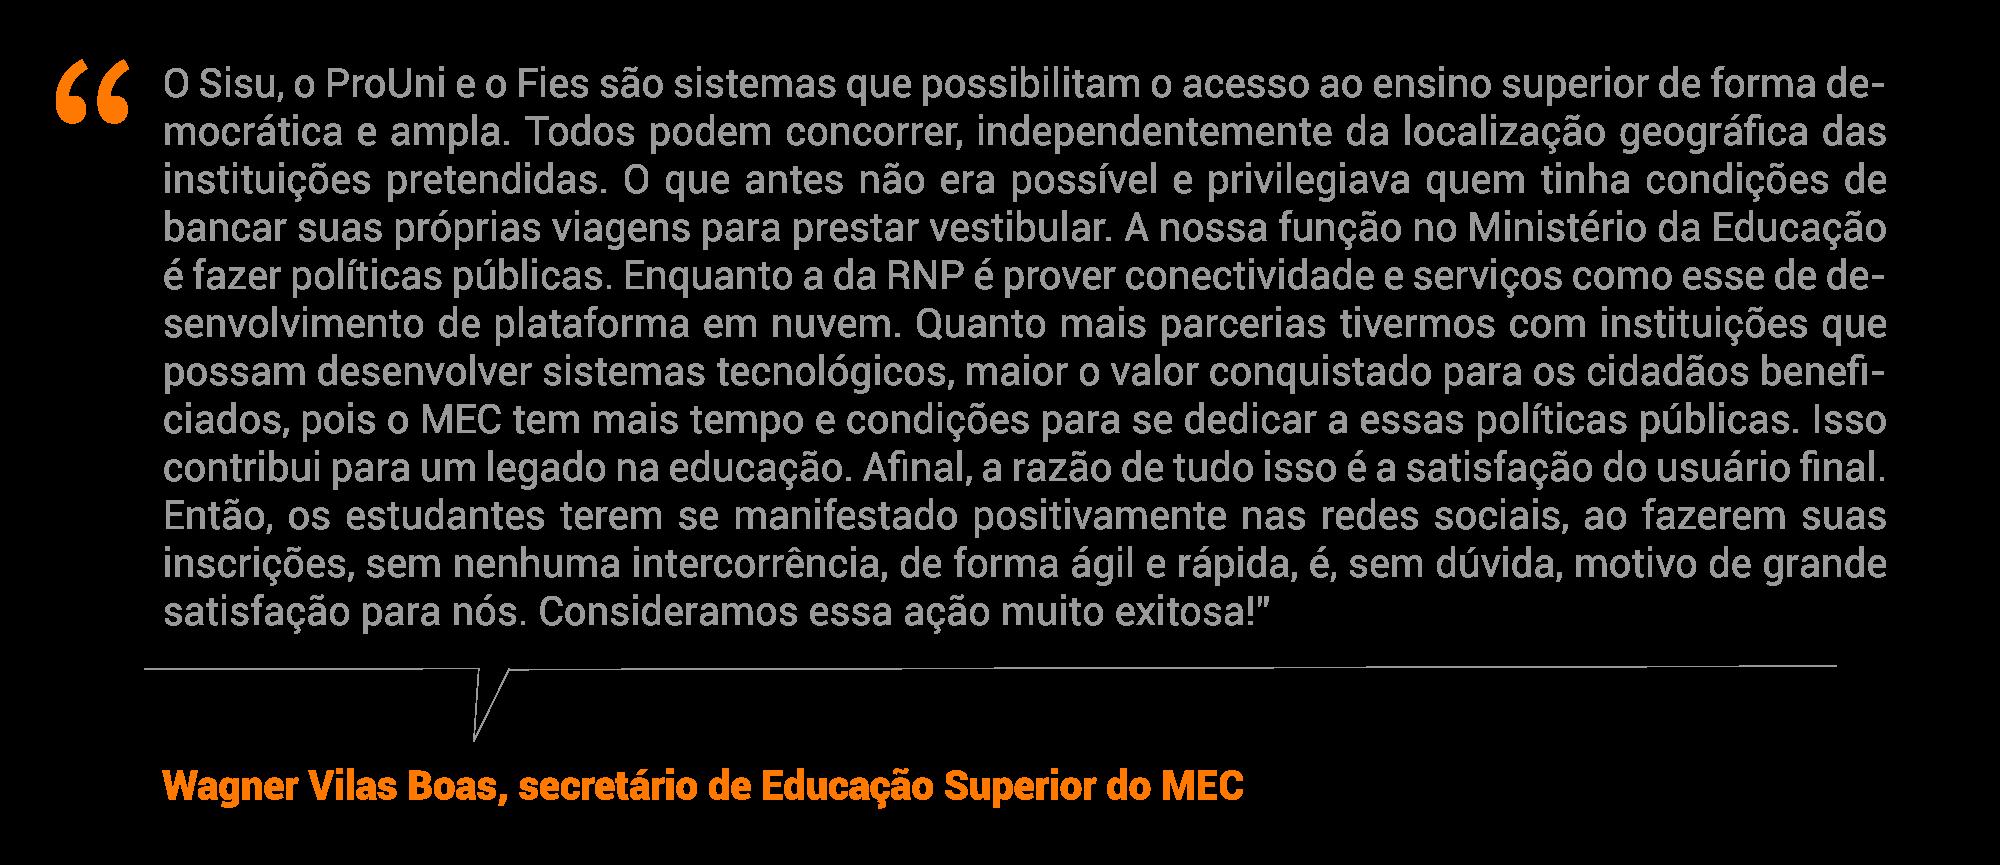 Wagner Vilas Boas, secretário de Educação Superior